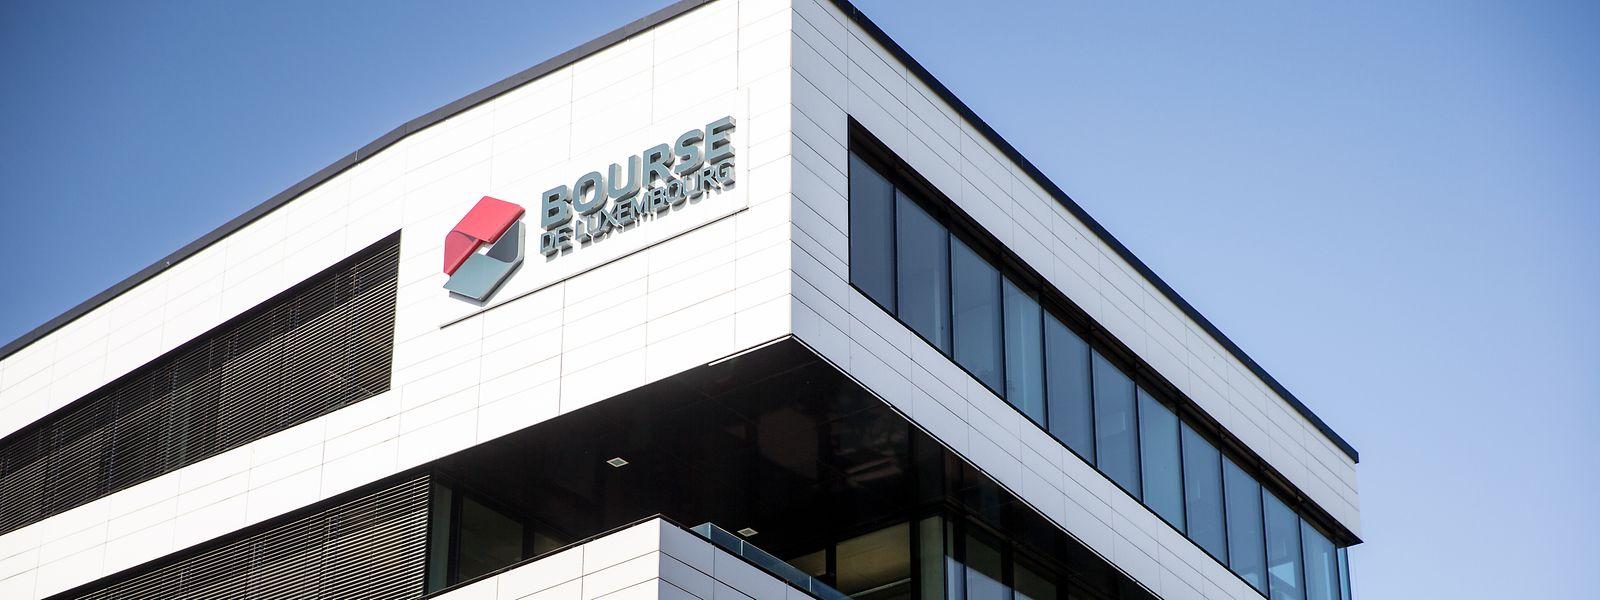 A la Bourse de Luxembourg (LuxSE), il existe déjà deux séries d'indices le LuxX Index et le LuxXRI (responsible investment). La création d'un indice technologique ne poserait pas de problème, selon Maurice Bauer, le secrétaire général.